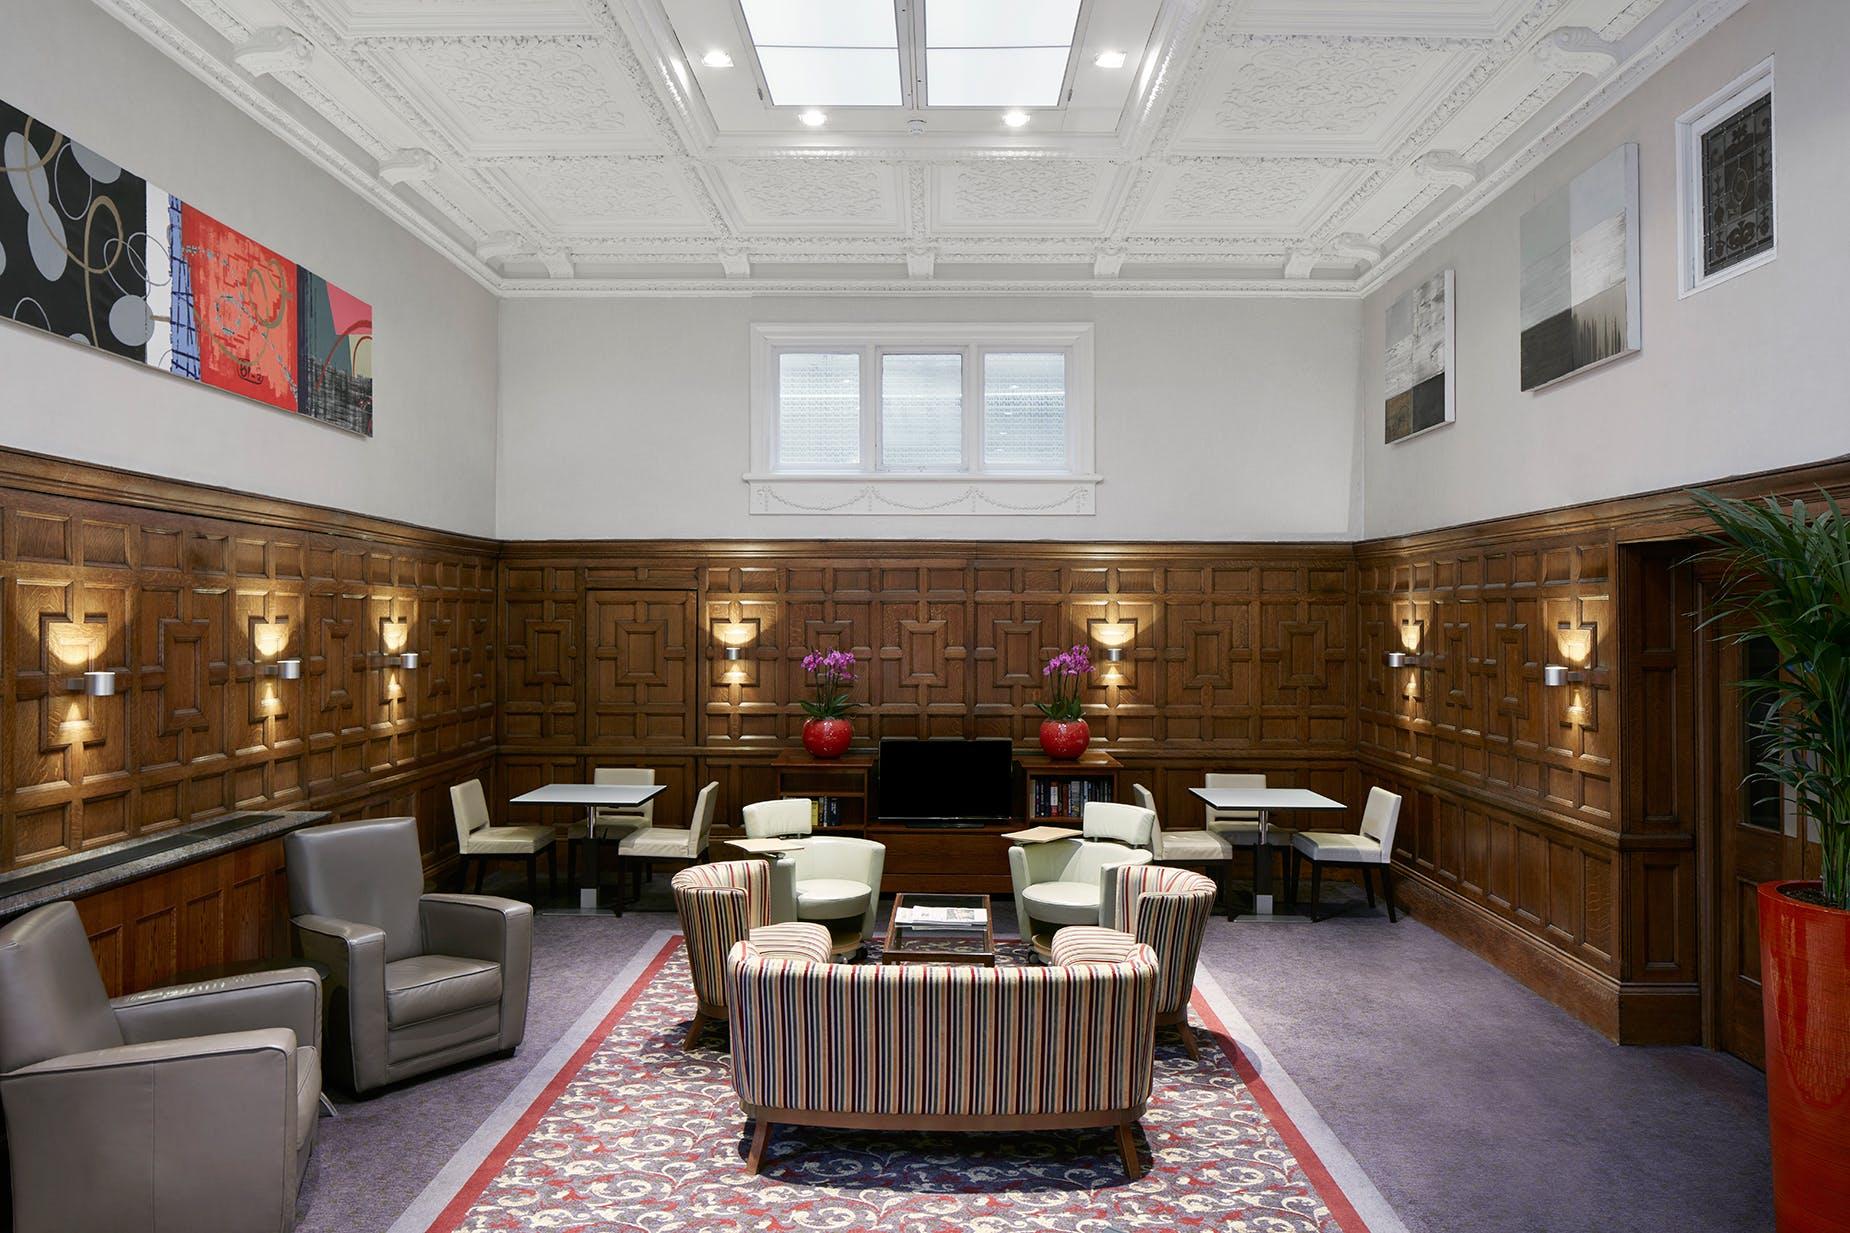 Club Living Room at Club Quarters Hotel, Trafalgar Square, London